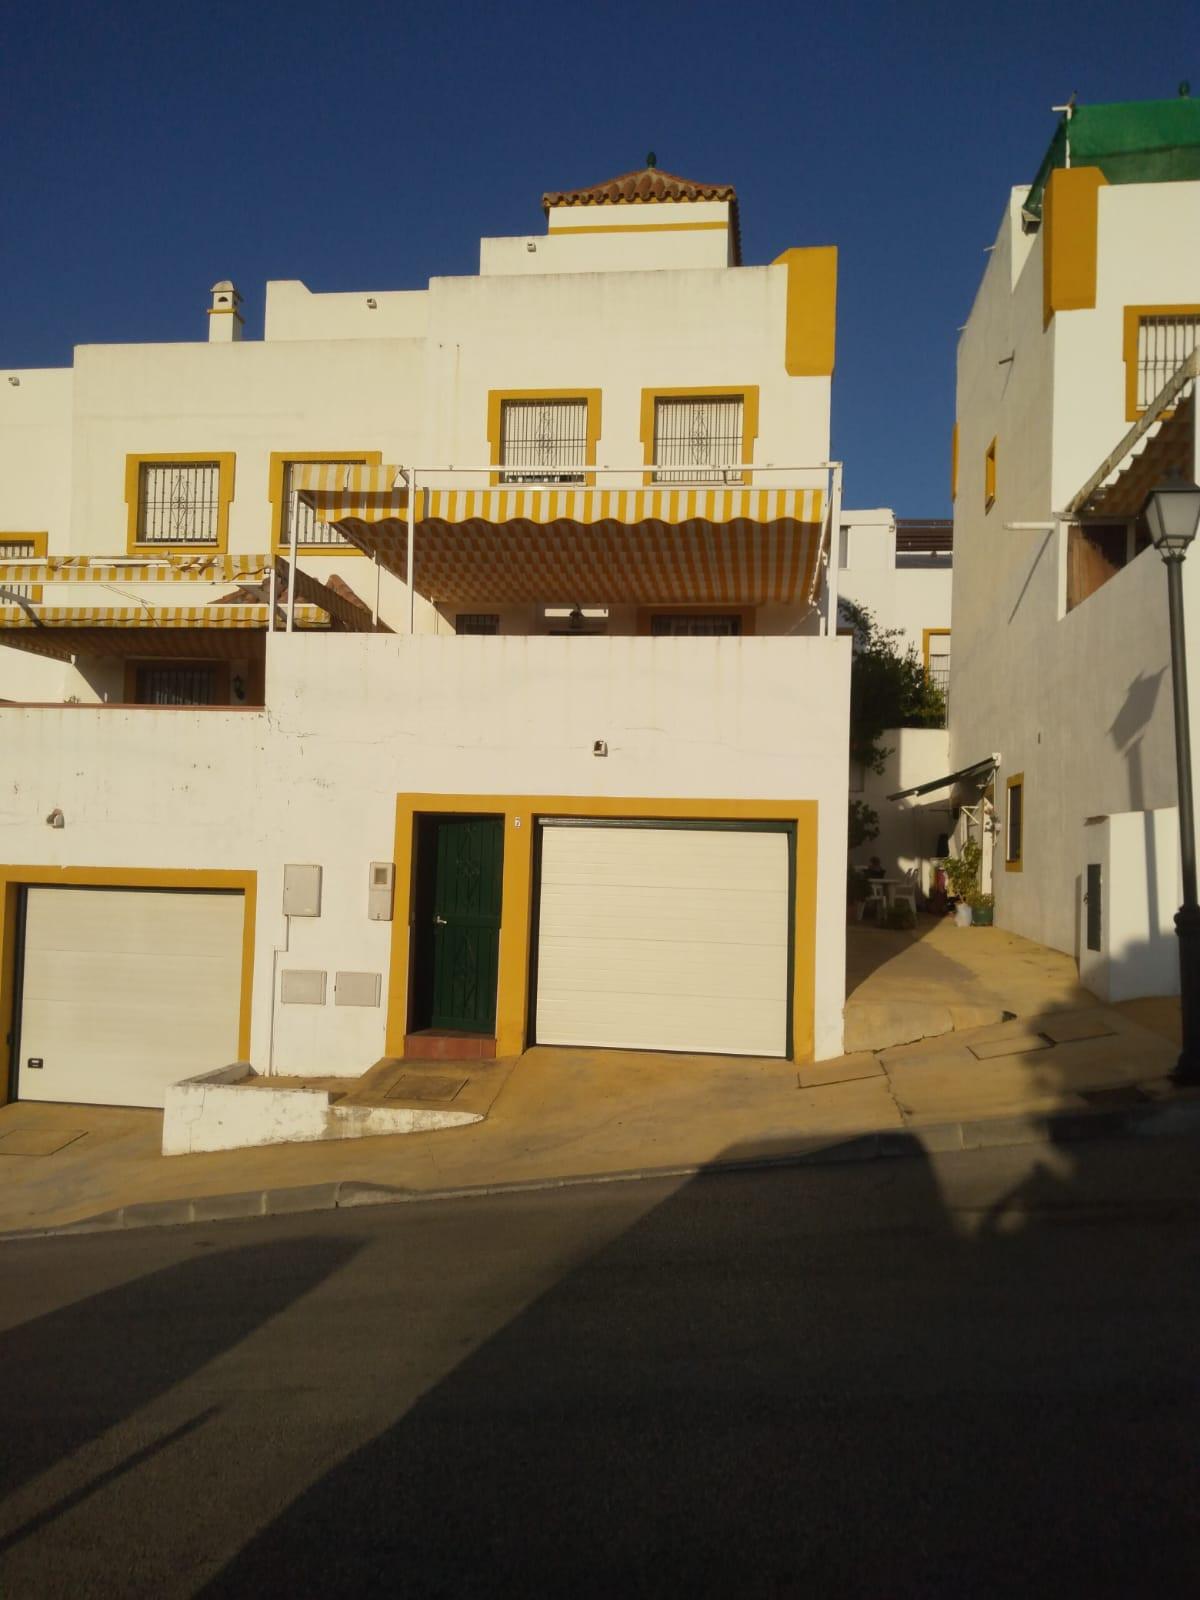 Casa - Marbella - R3809572 - mibgroup.es